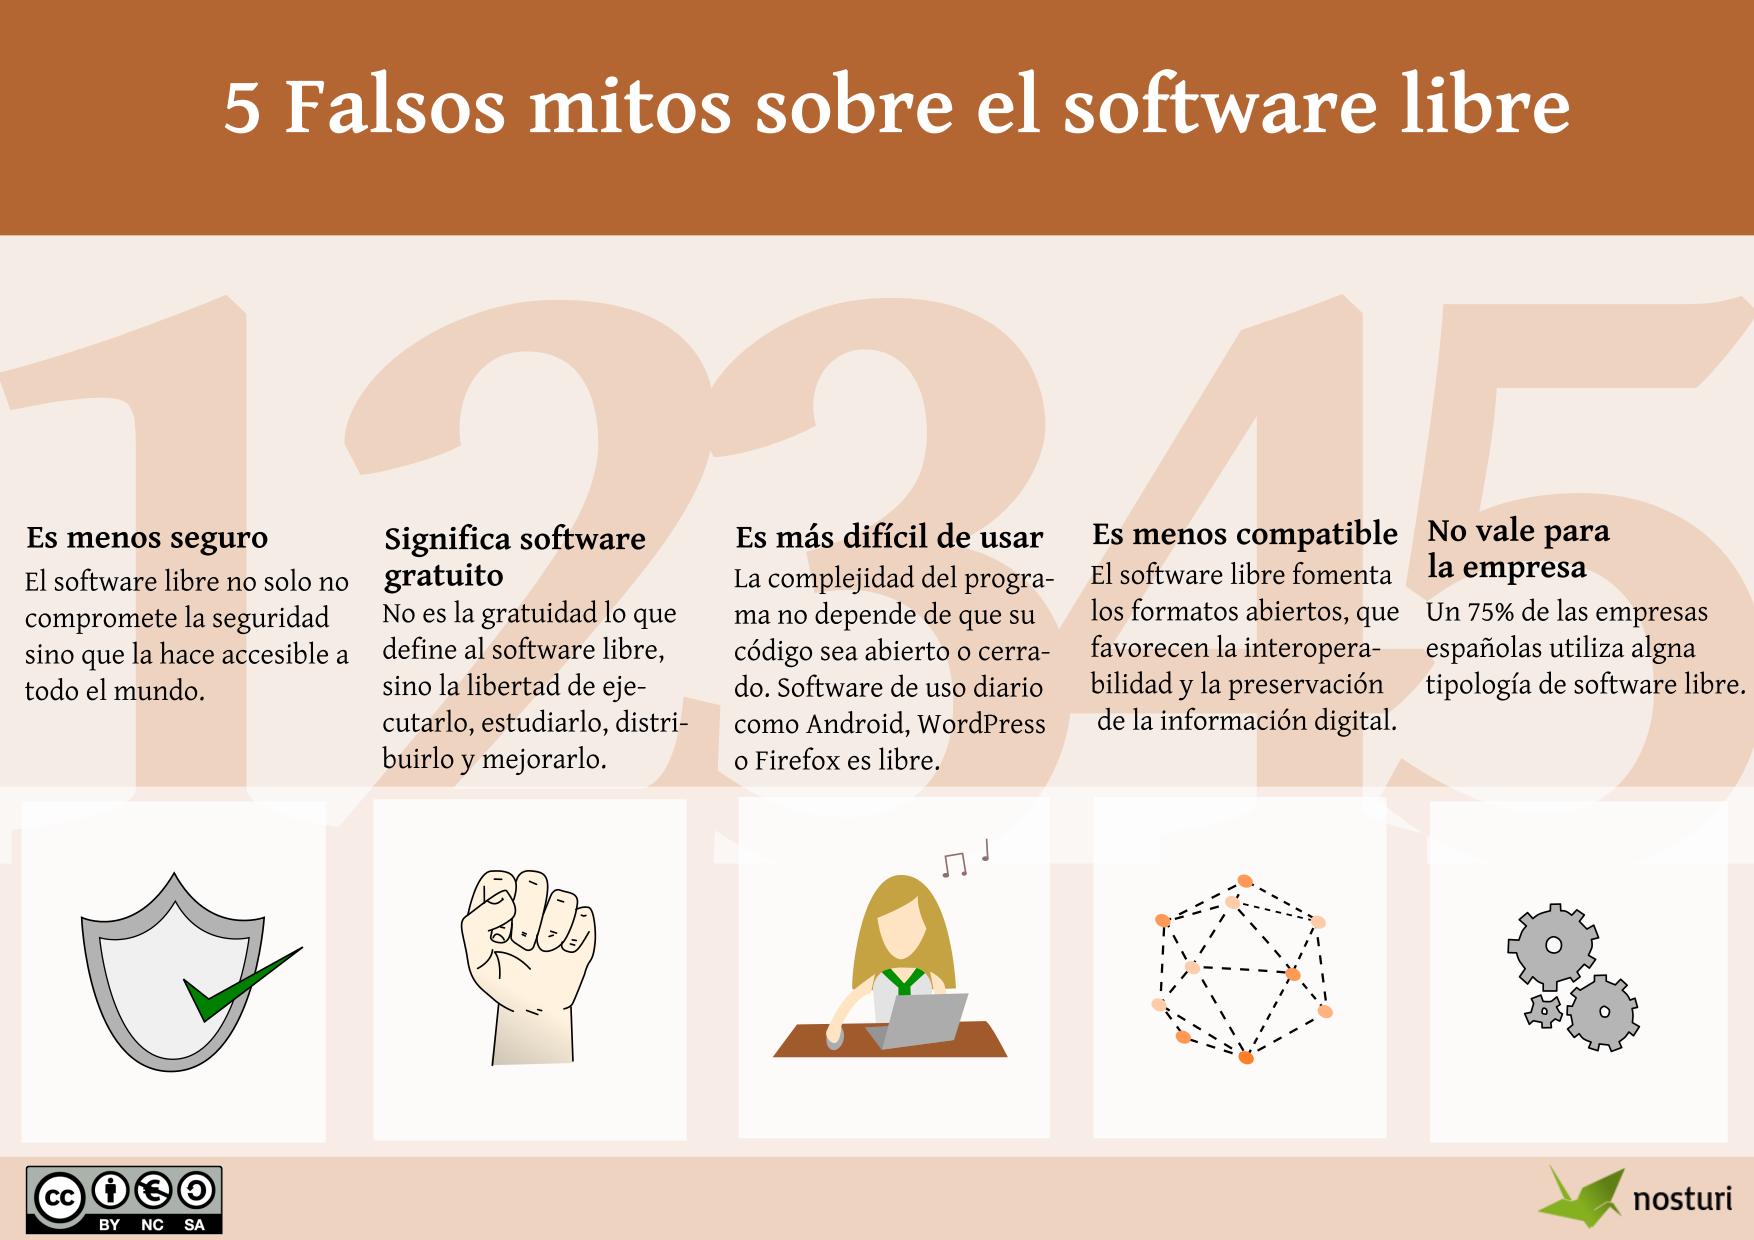 Infografía: 5 falsos mitos sobre el software libre